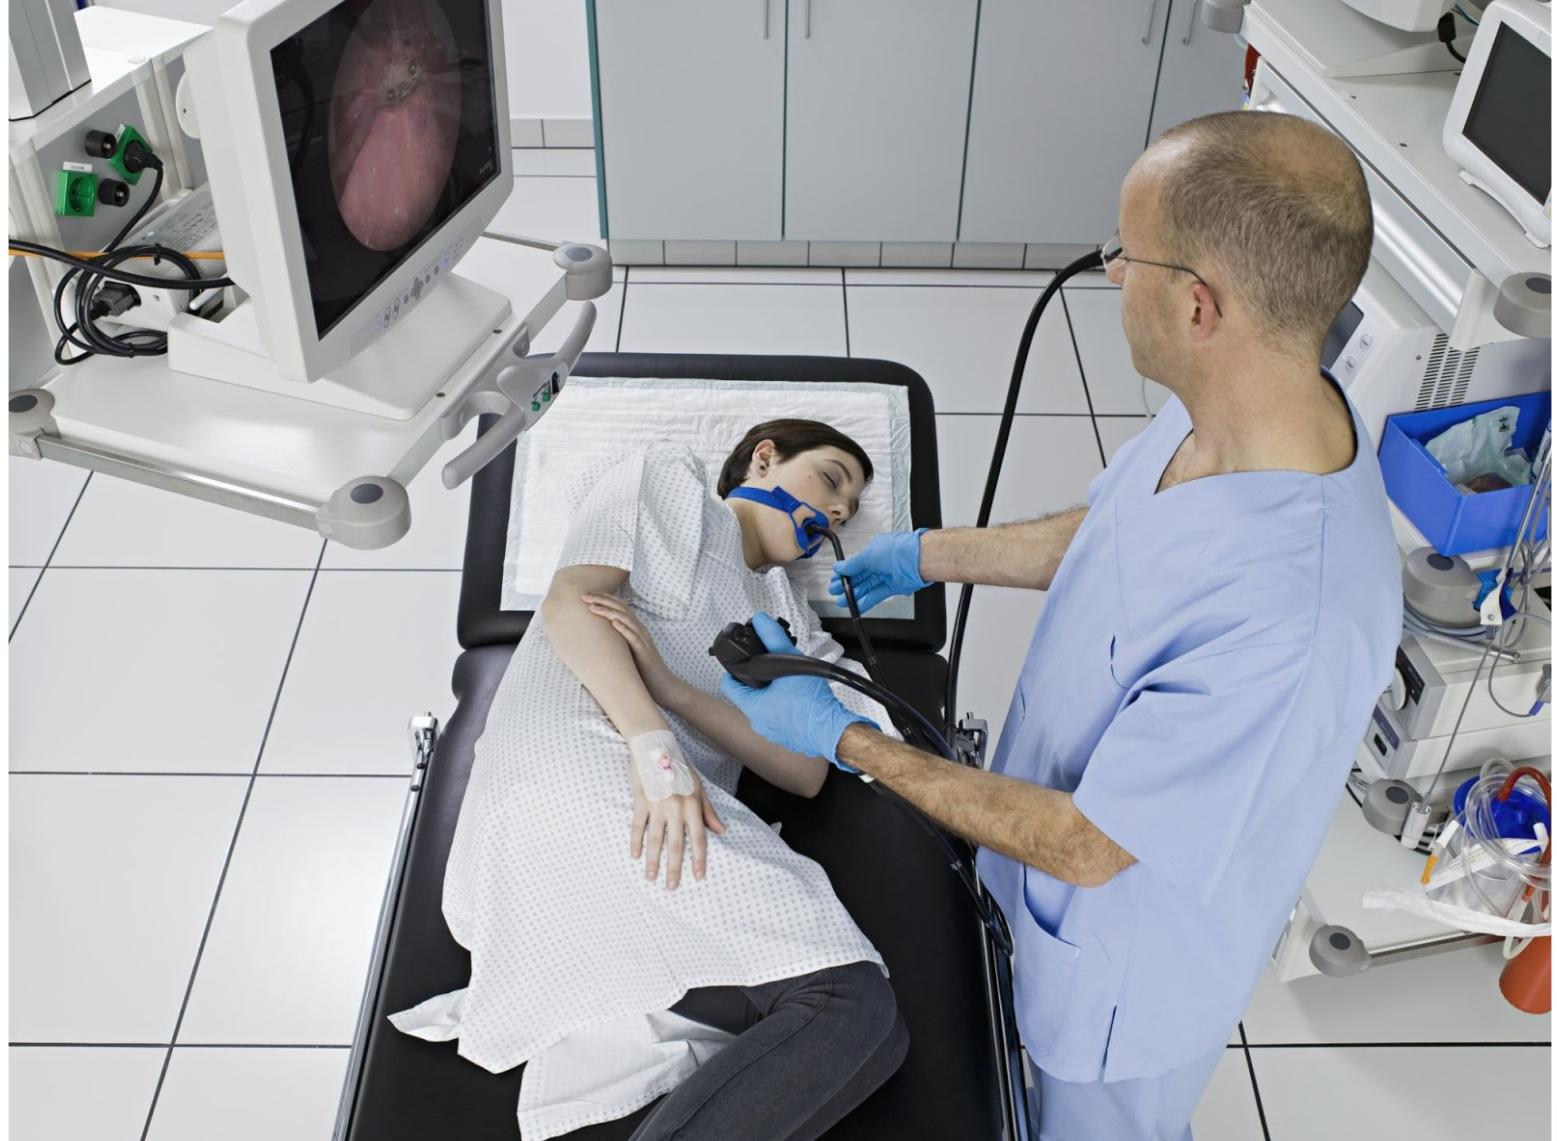 Nội soi dạ dày – kỹ thuật mới chẩn đoán và điều trị bệnh tiêu hóa